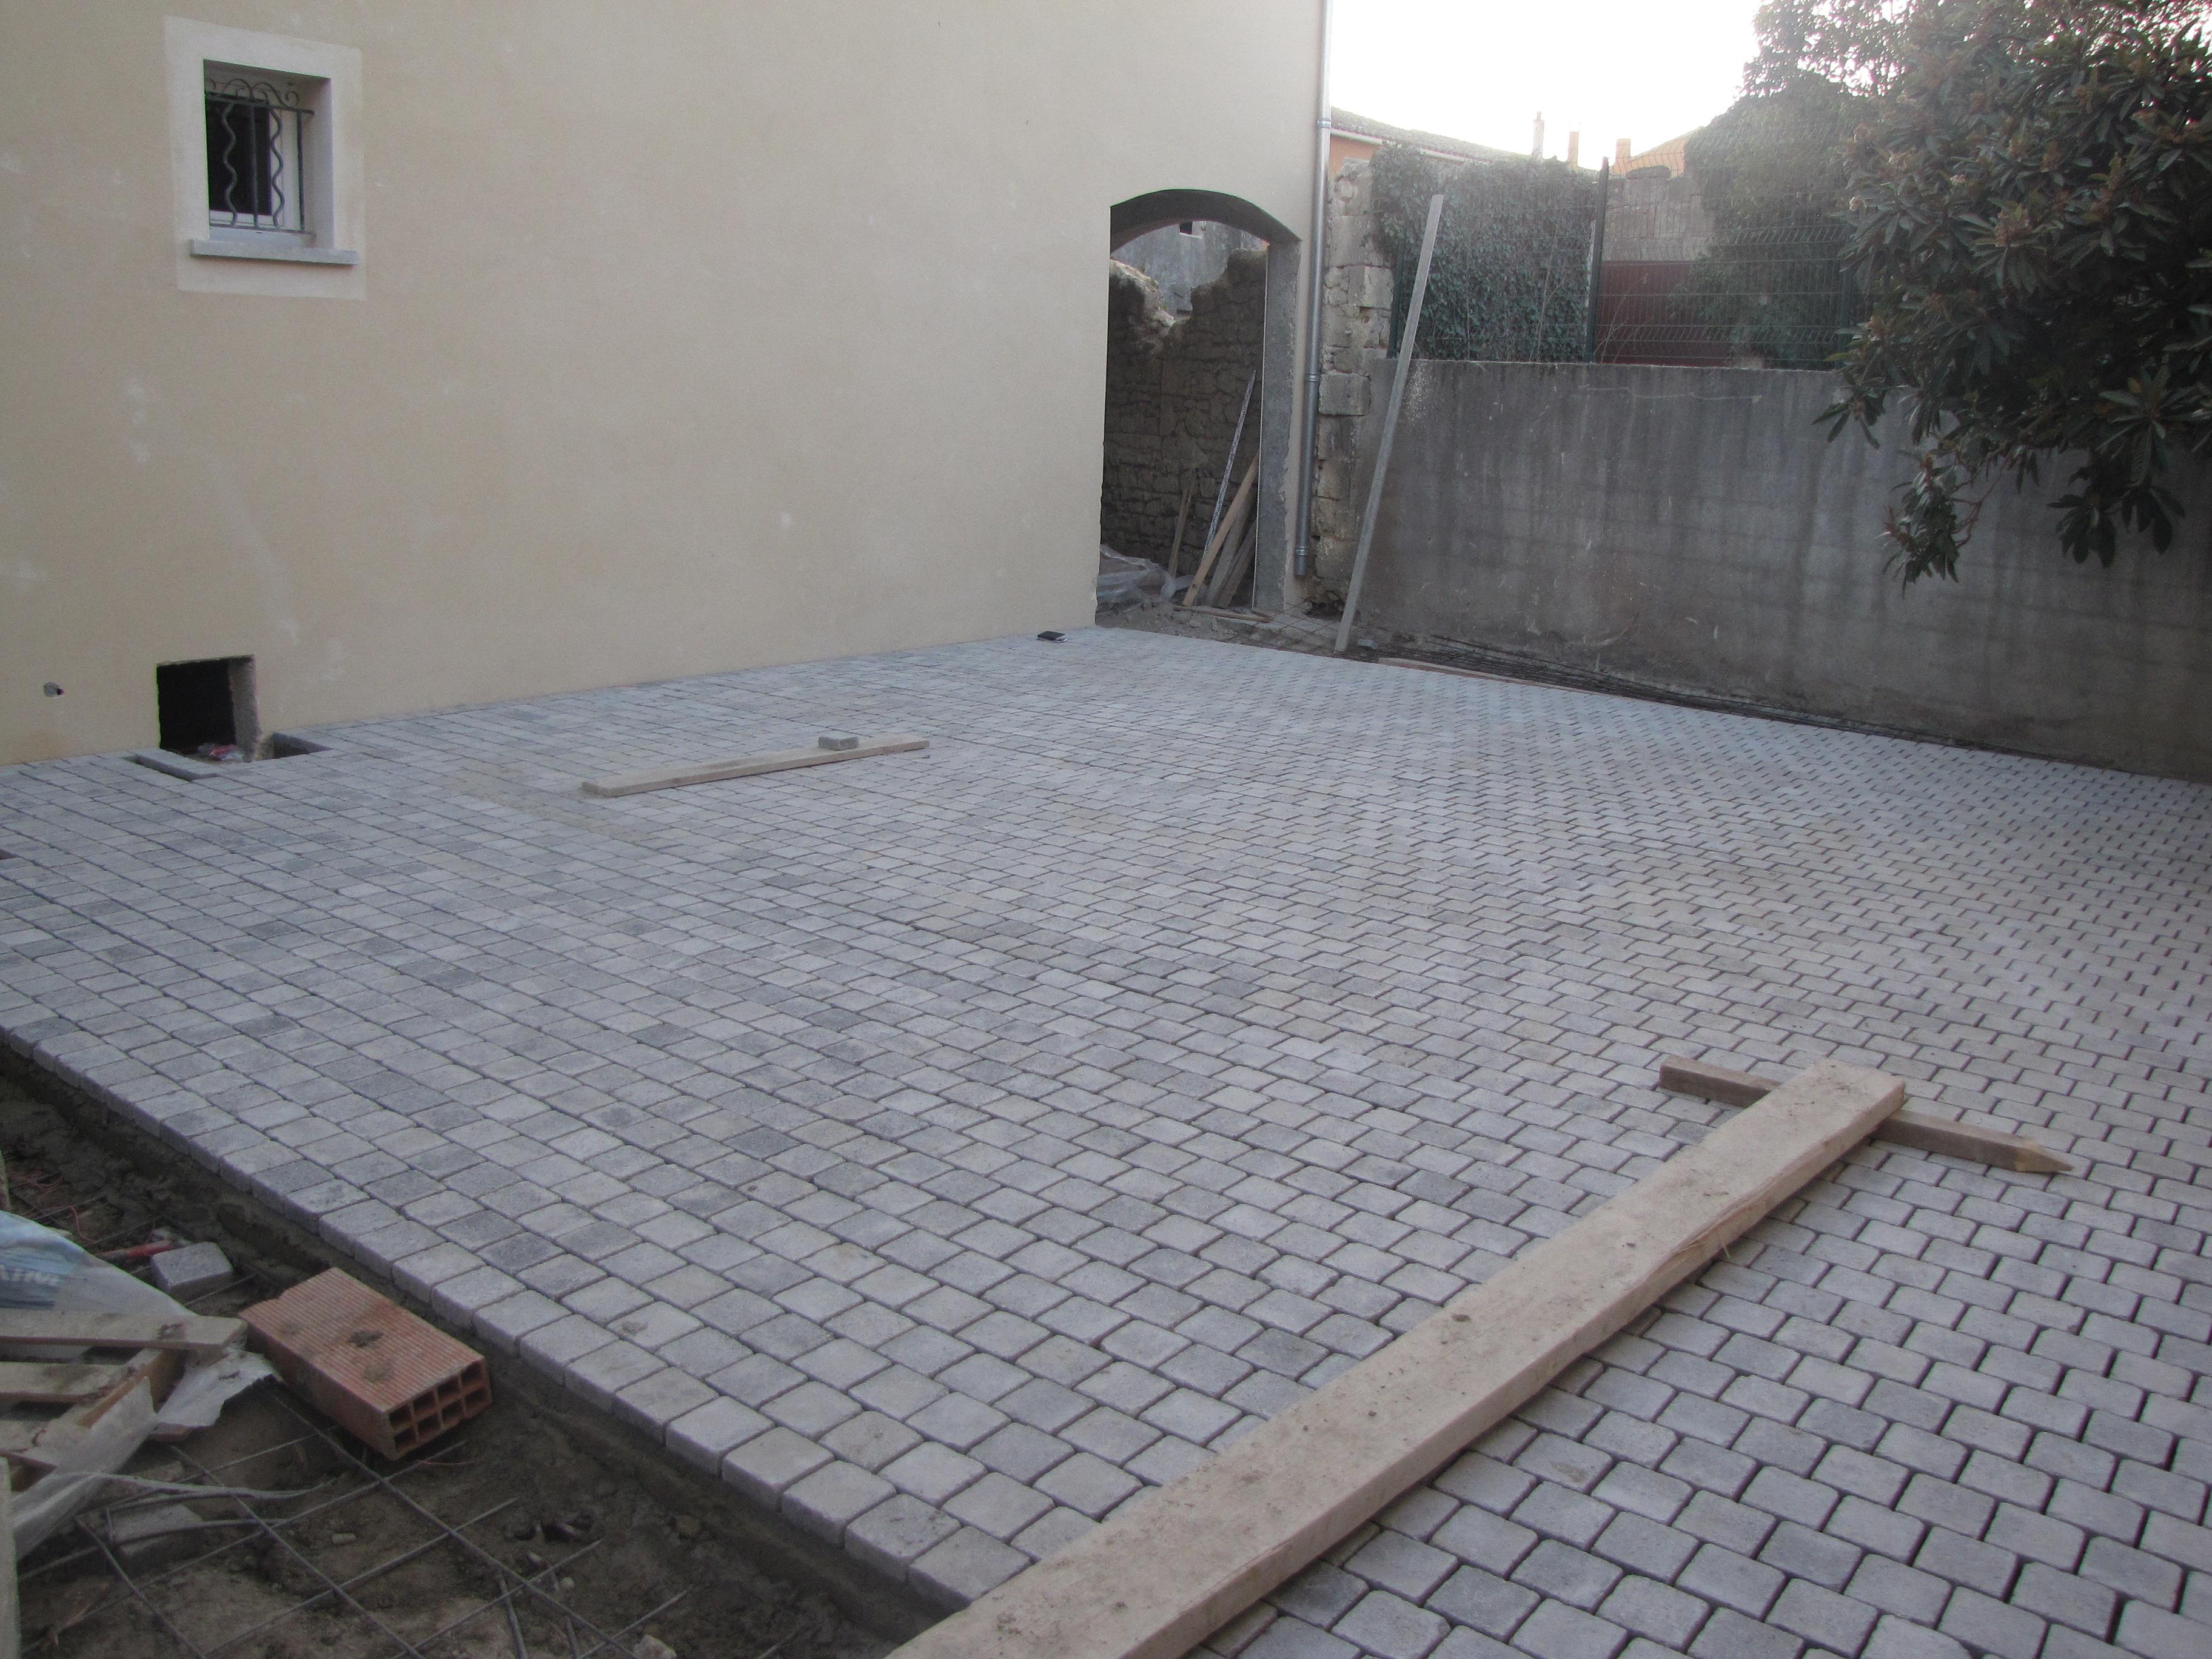 Desportes Rénovation Gard : pose de pavés dans une cour sur une dalle en beton